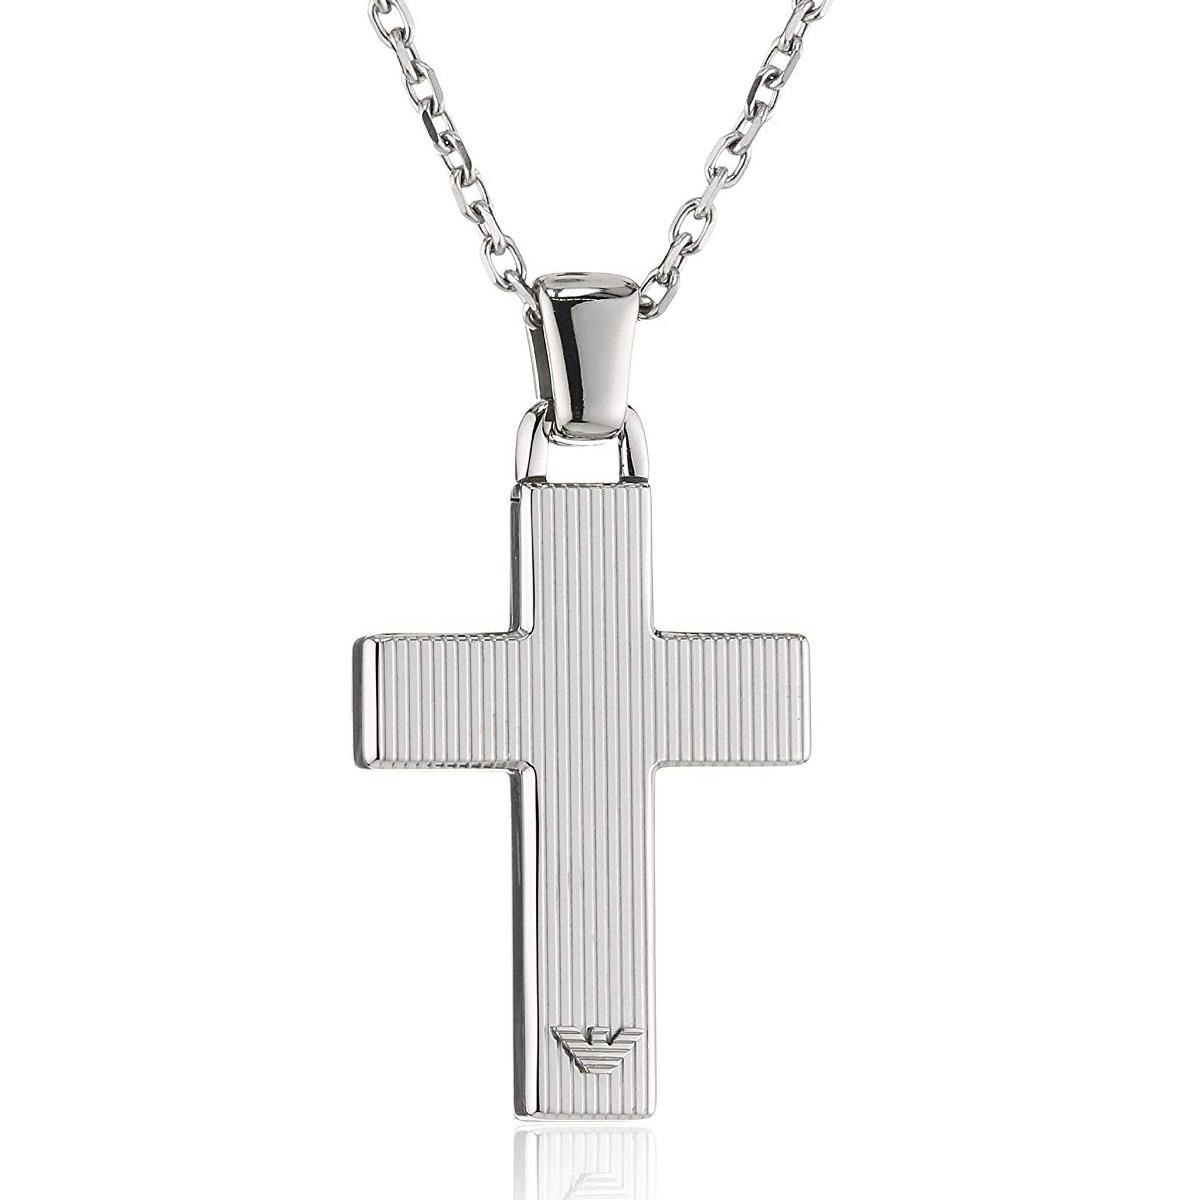 d7f0f0dc4 Emporio Armani EMPORIO ARMANI EGS1812040 cross necklace pendant silver ...